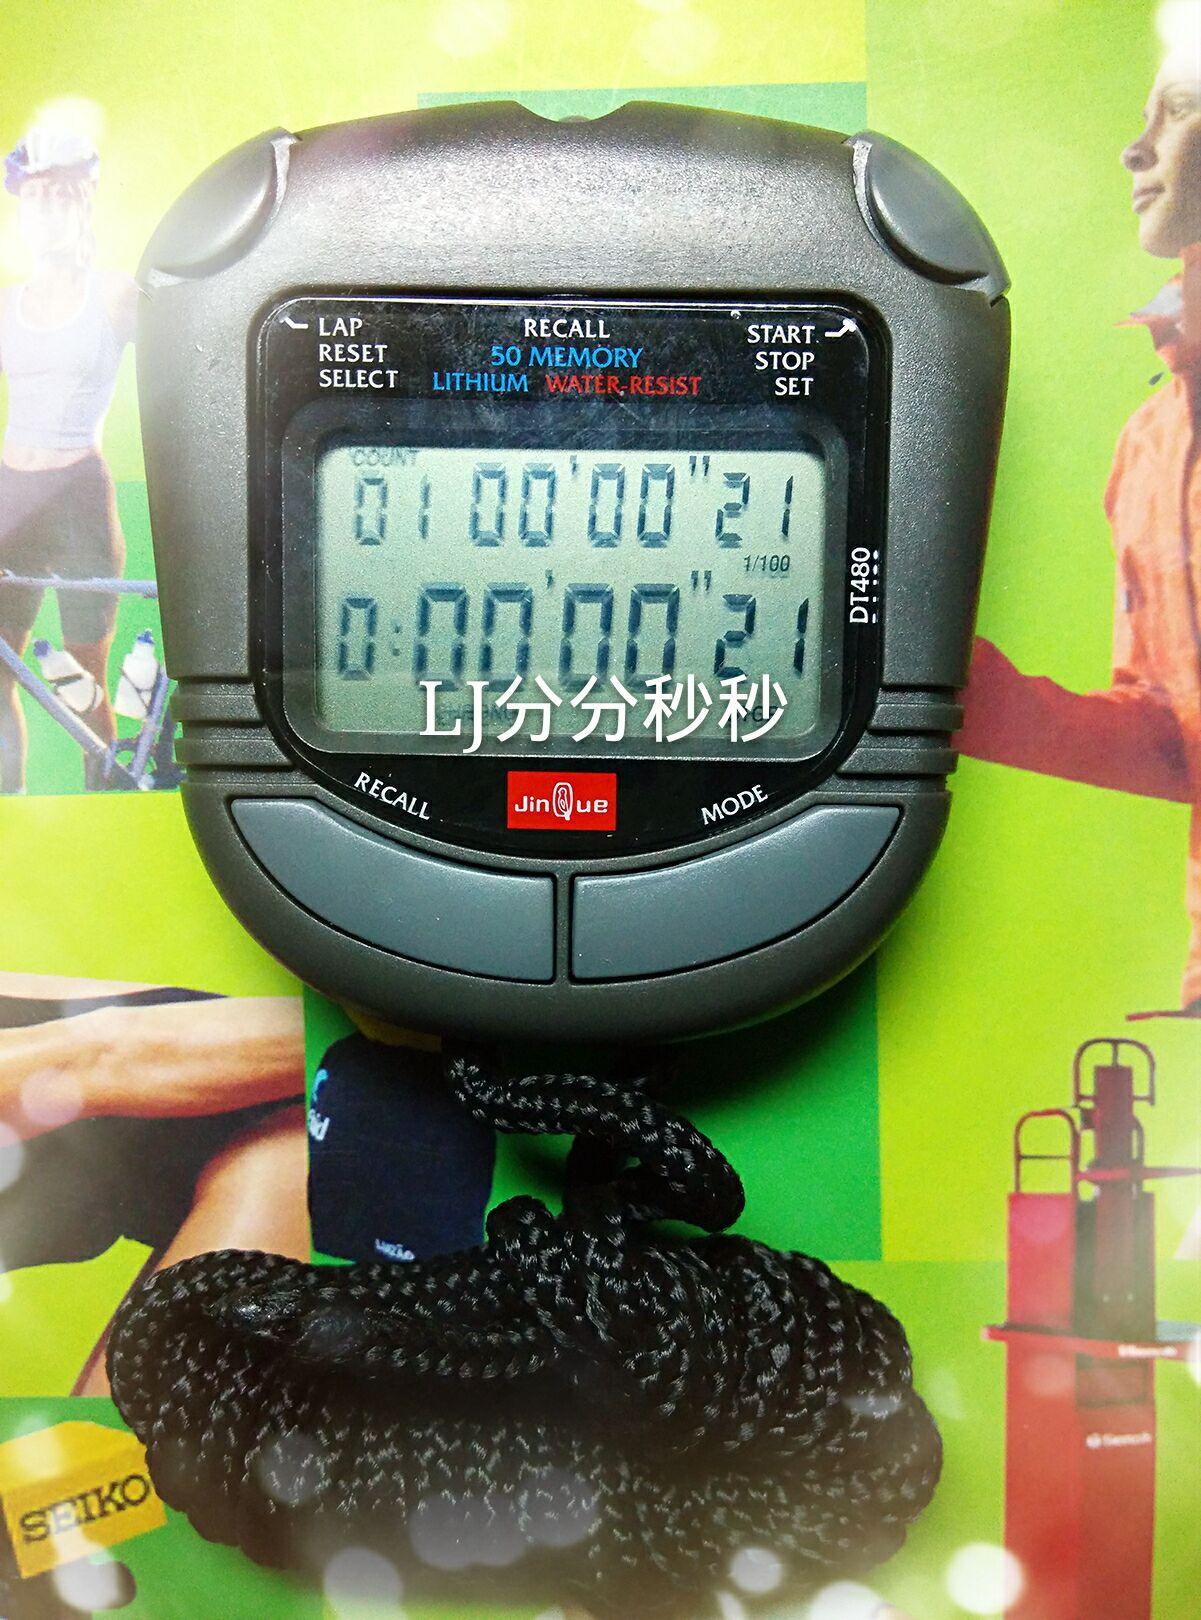 В оригинальной упаковке оригинал Jinque электронный секундомер JD-2II школьный таймер 2 строки точность отображения 0.01 секунд товар в наличии